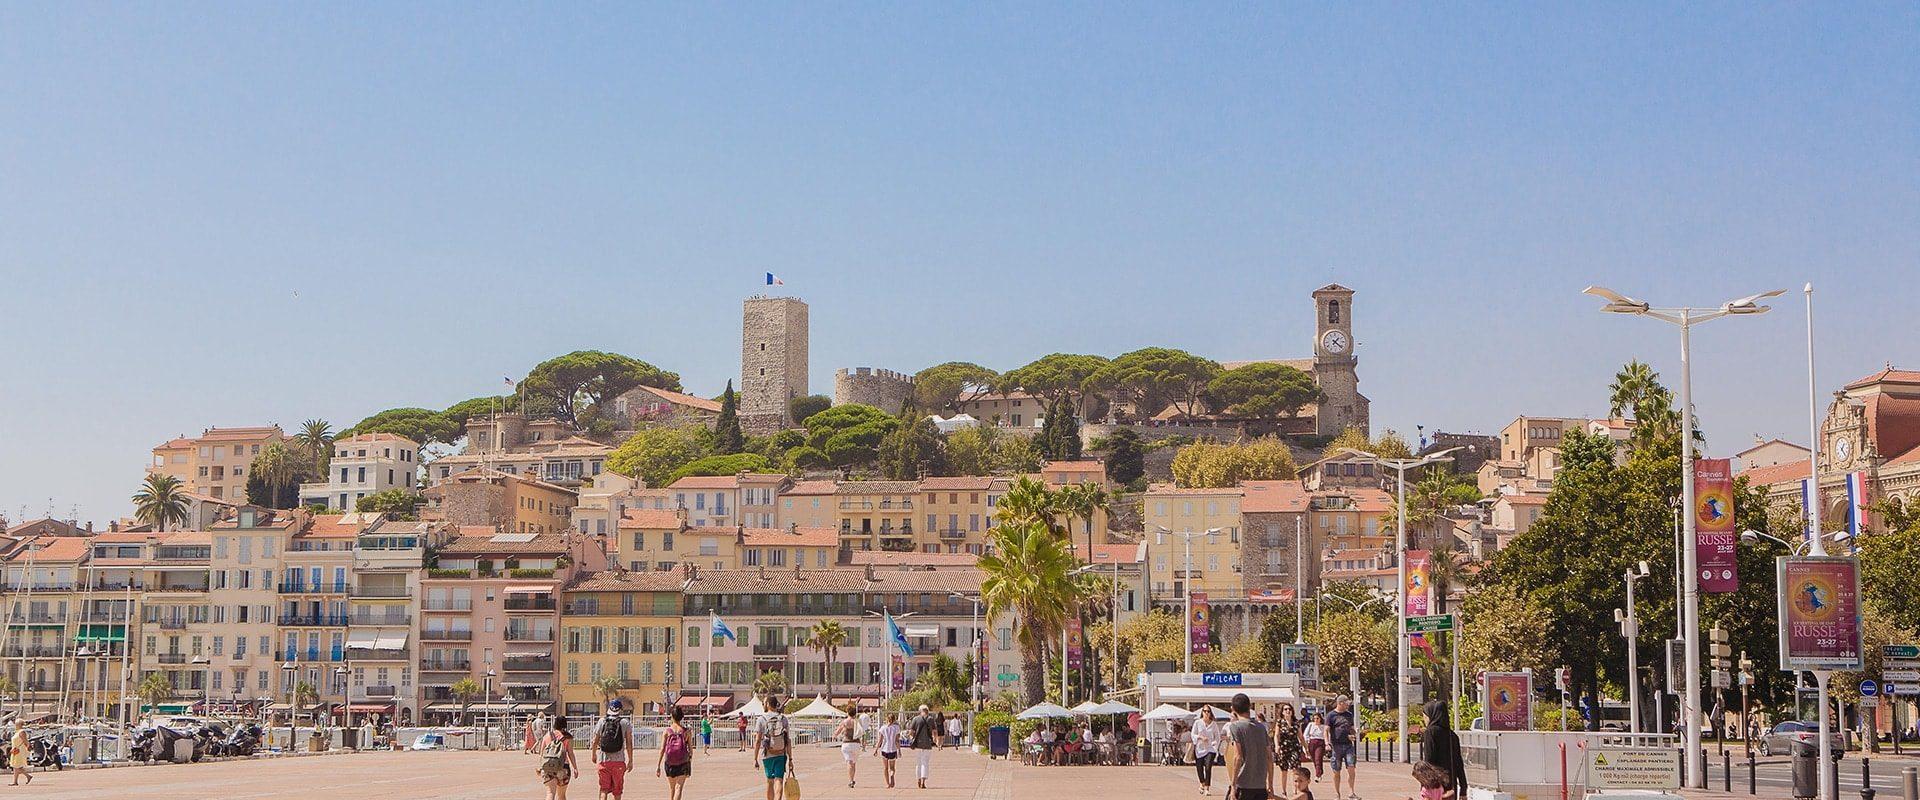 Le Suquet, Quartier Historique De Cannes